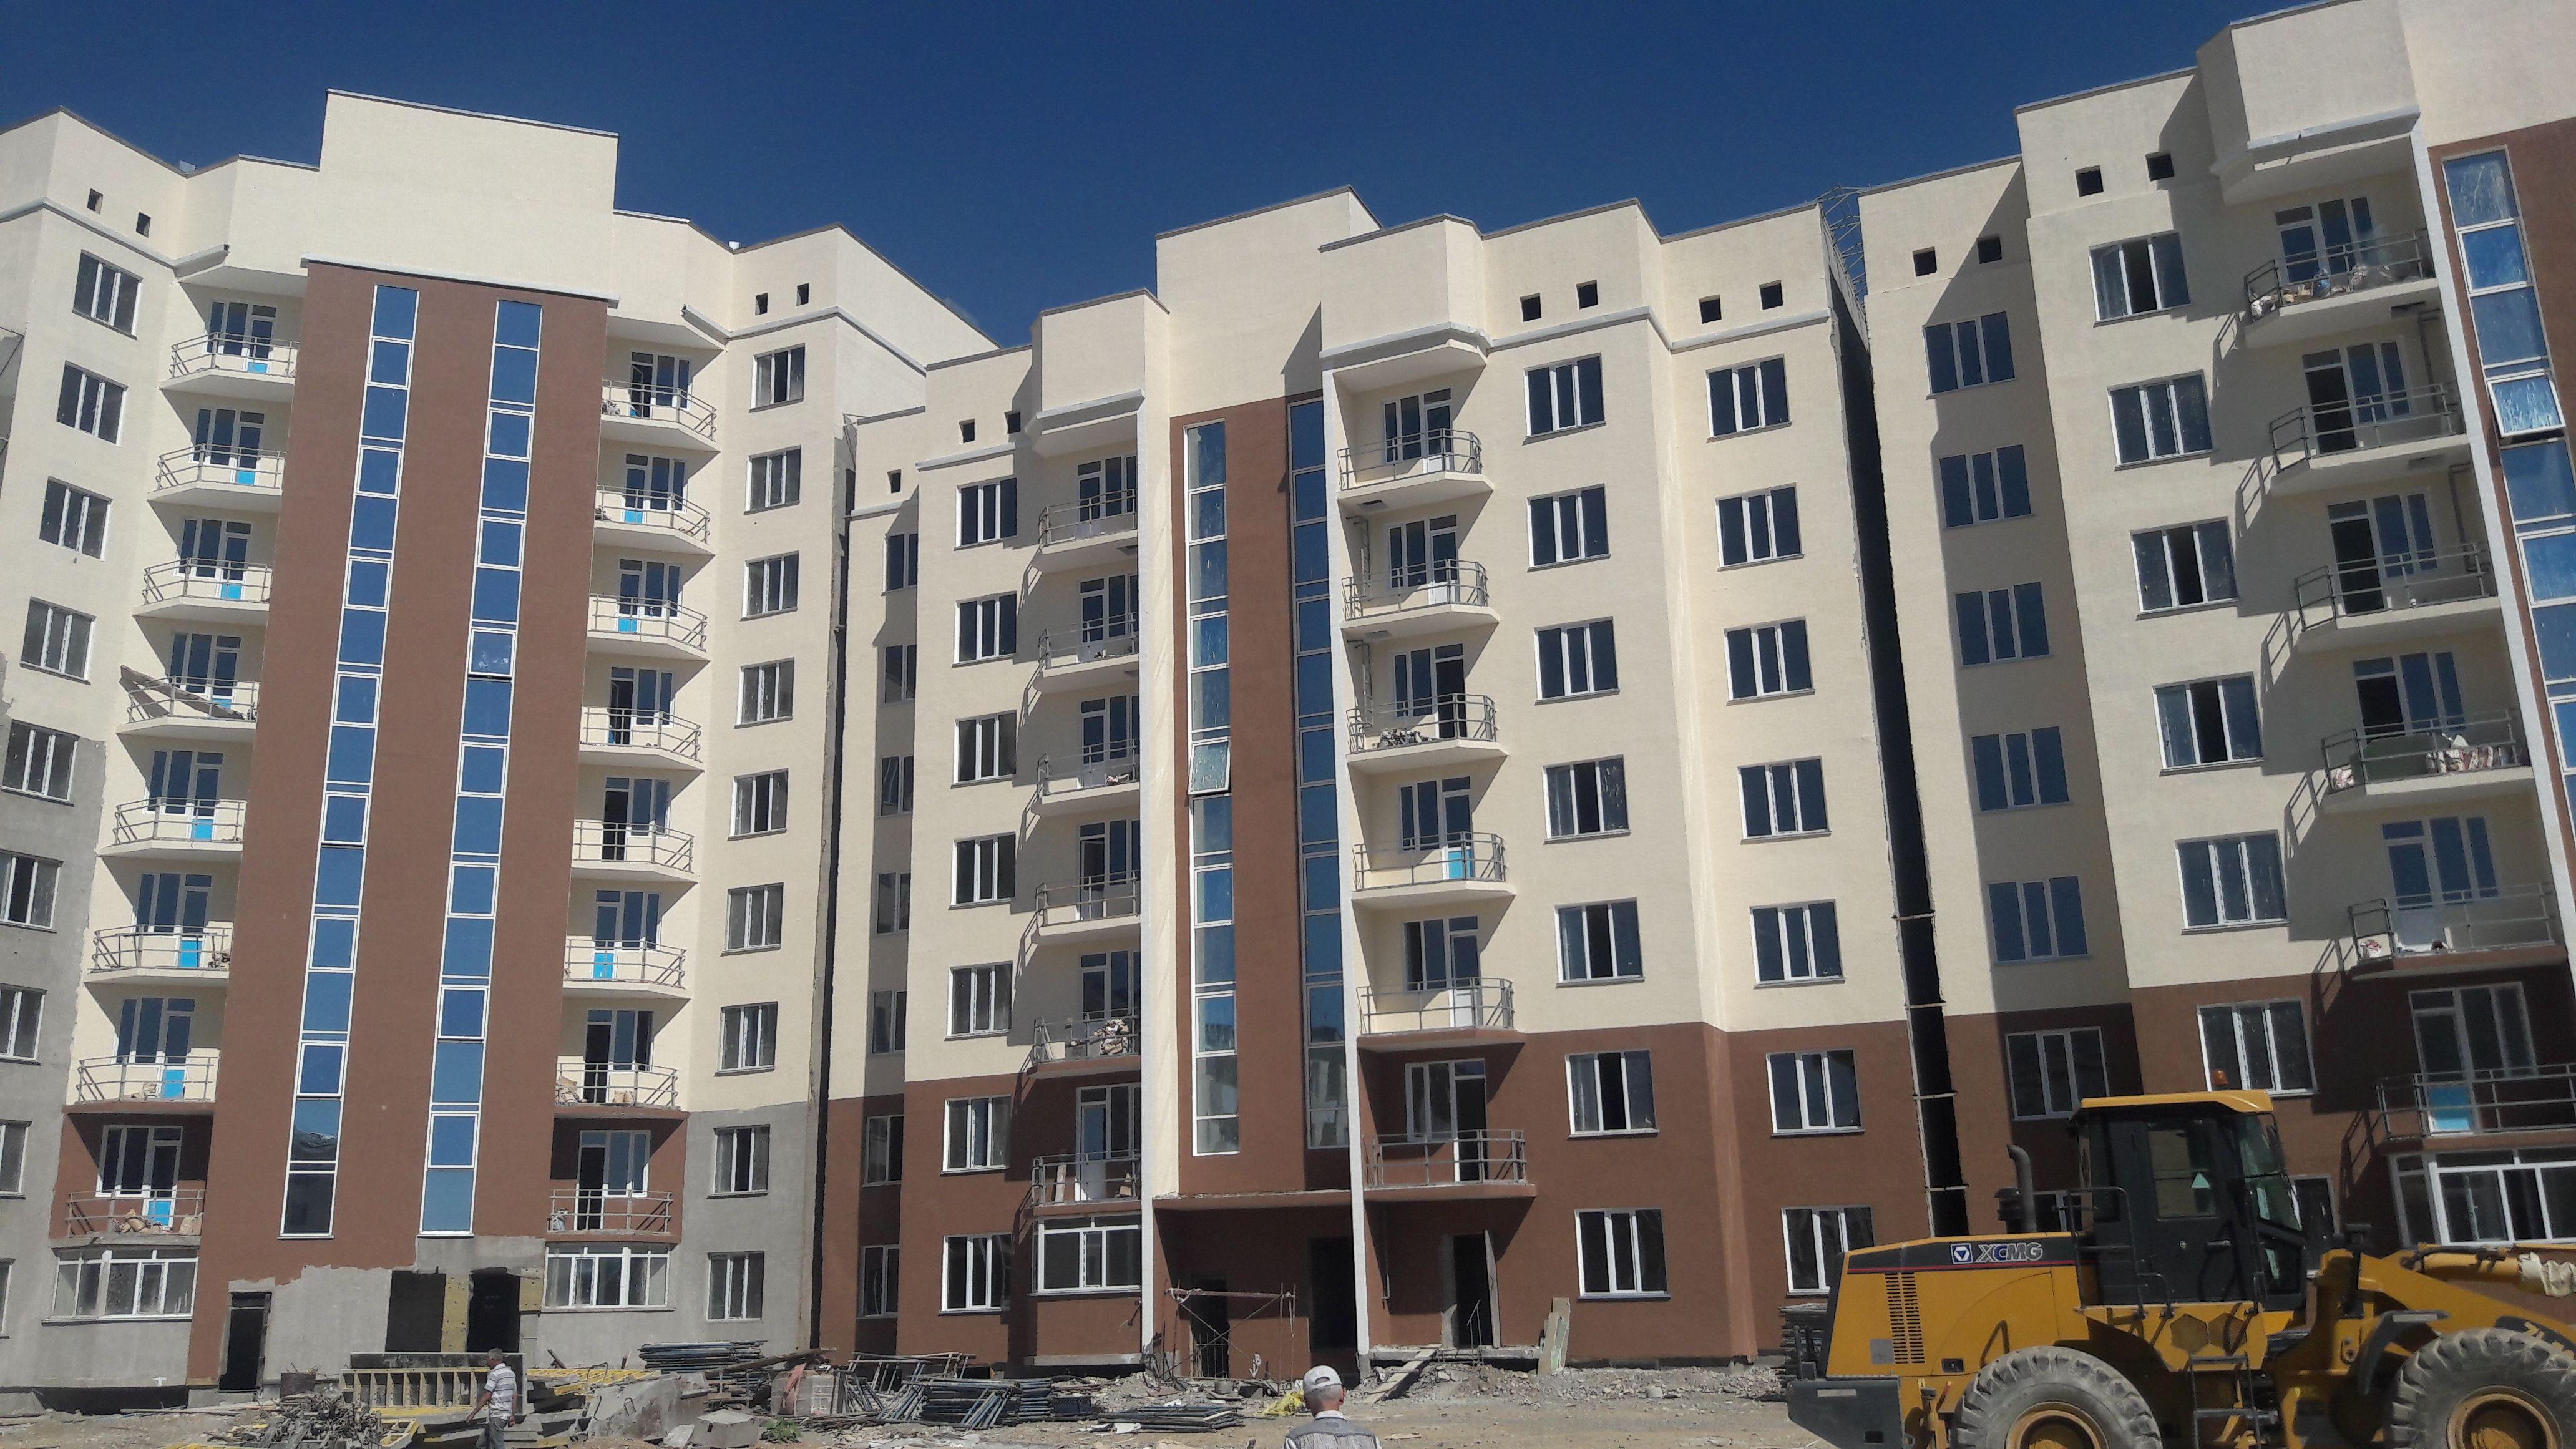 Сколько стоят квартиры погоспрограммам вАлматы иАлматинской области?- Kapital.kz